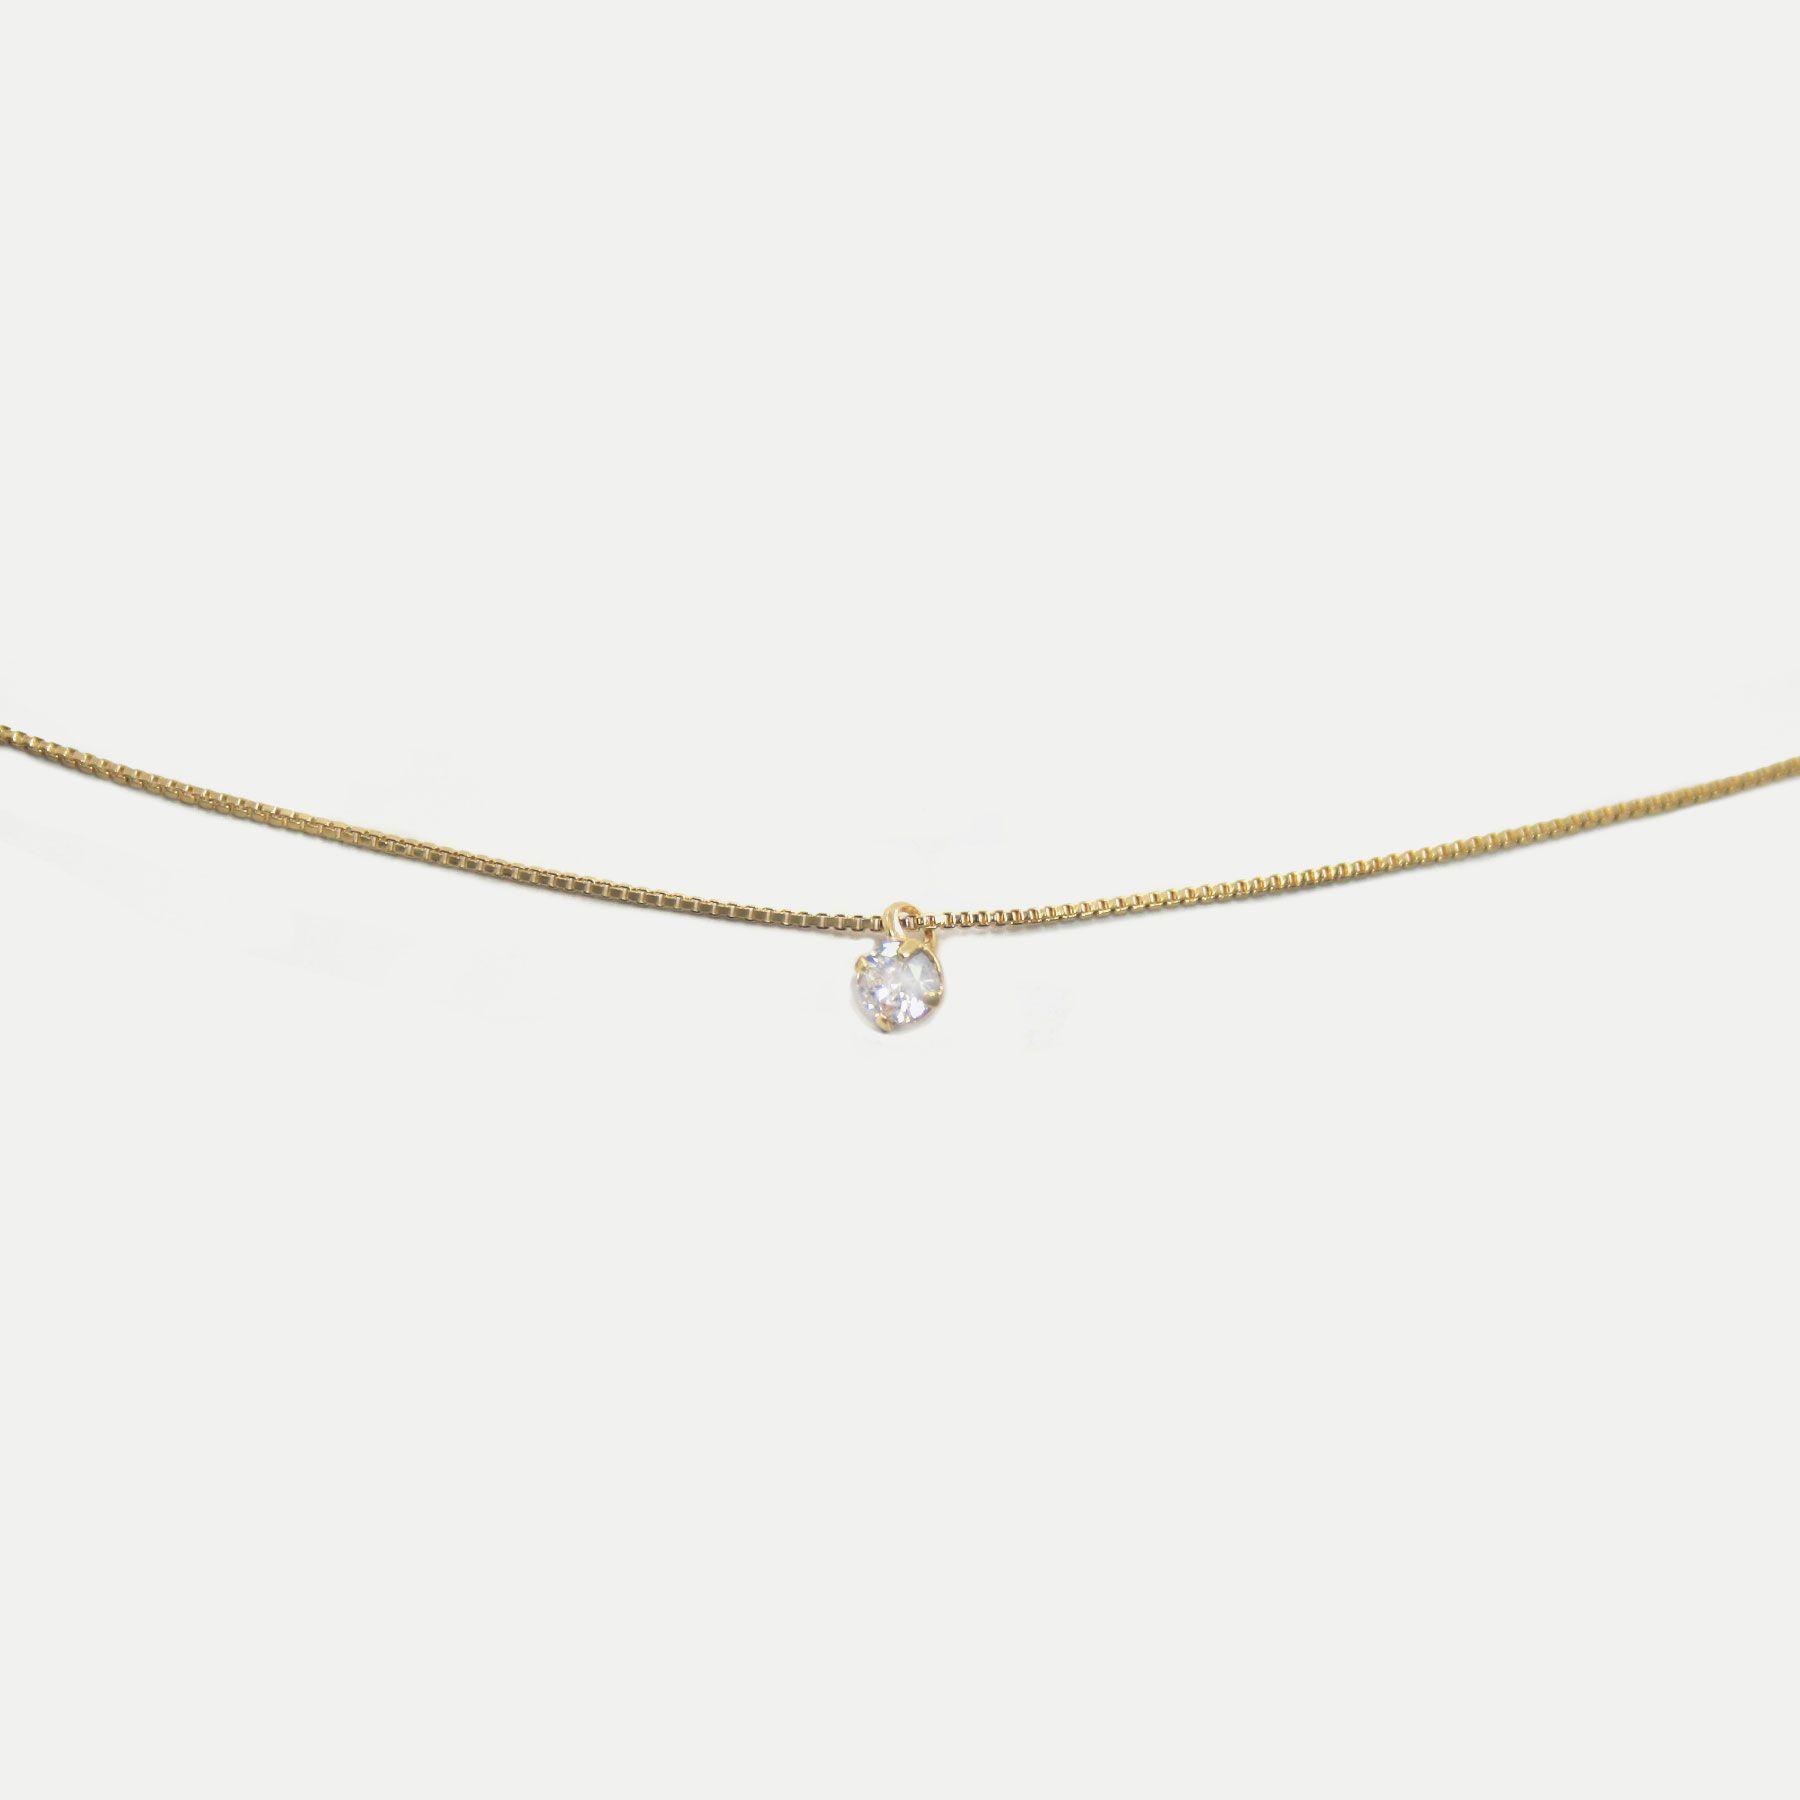 Colar Ponto de Luz Mini Zircônia Banhado em Ouro 18k